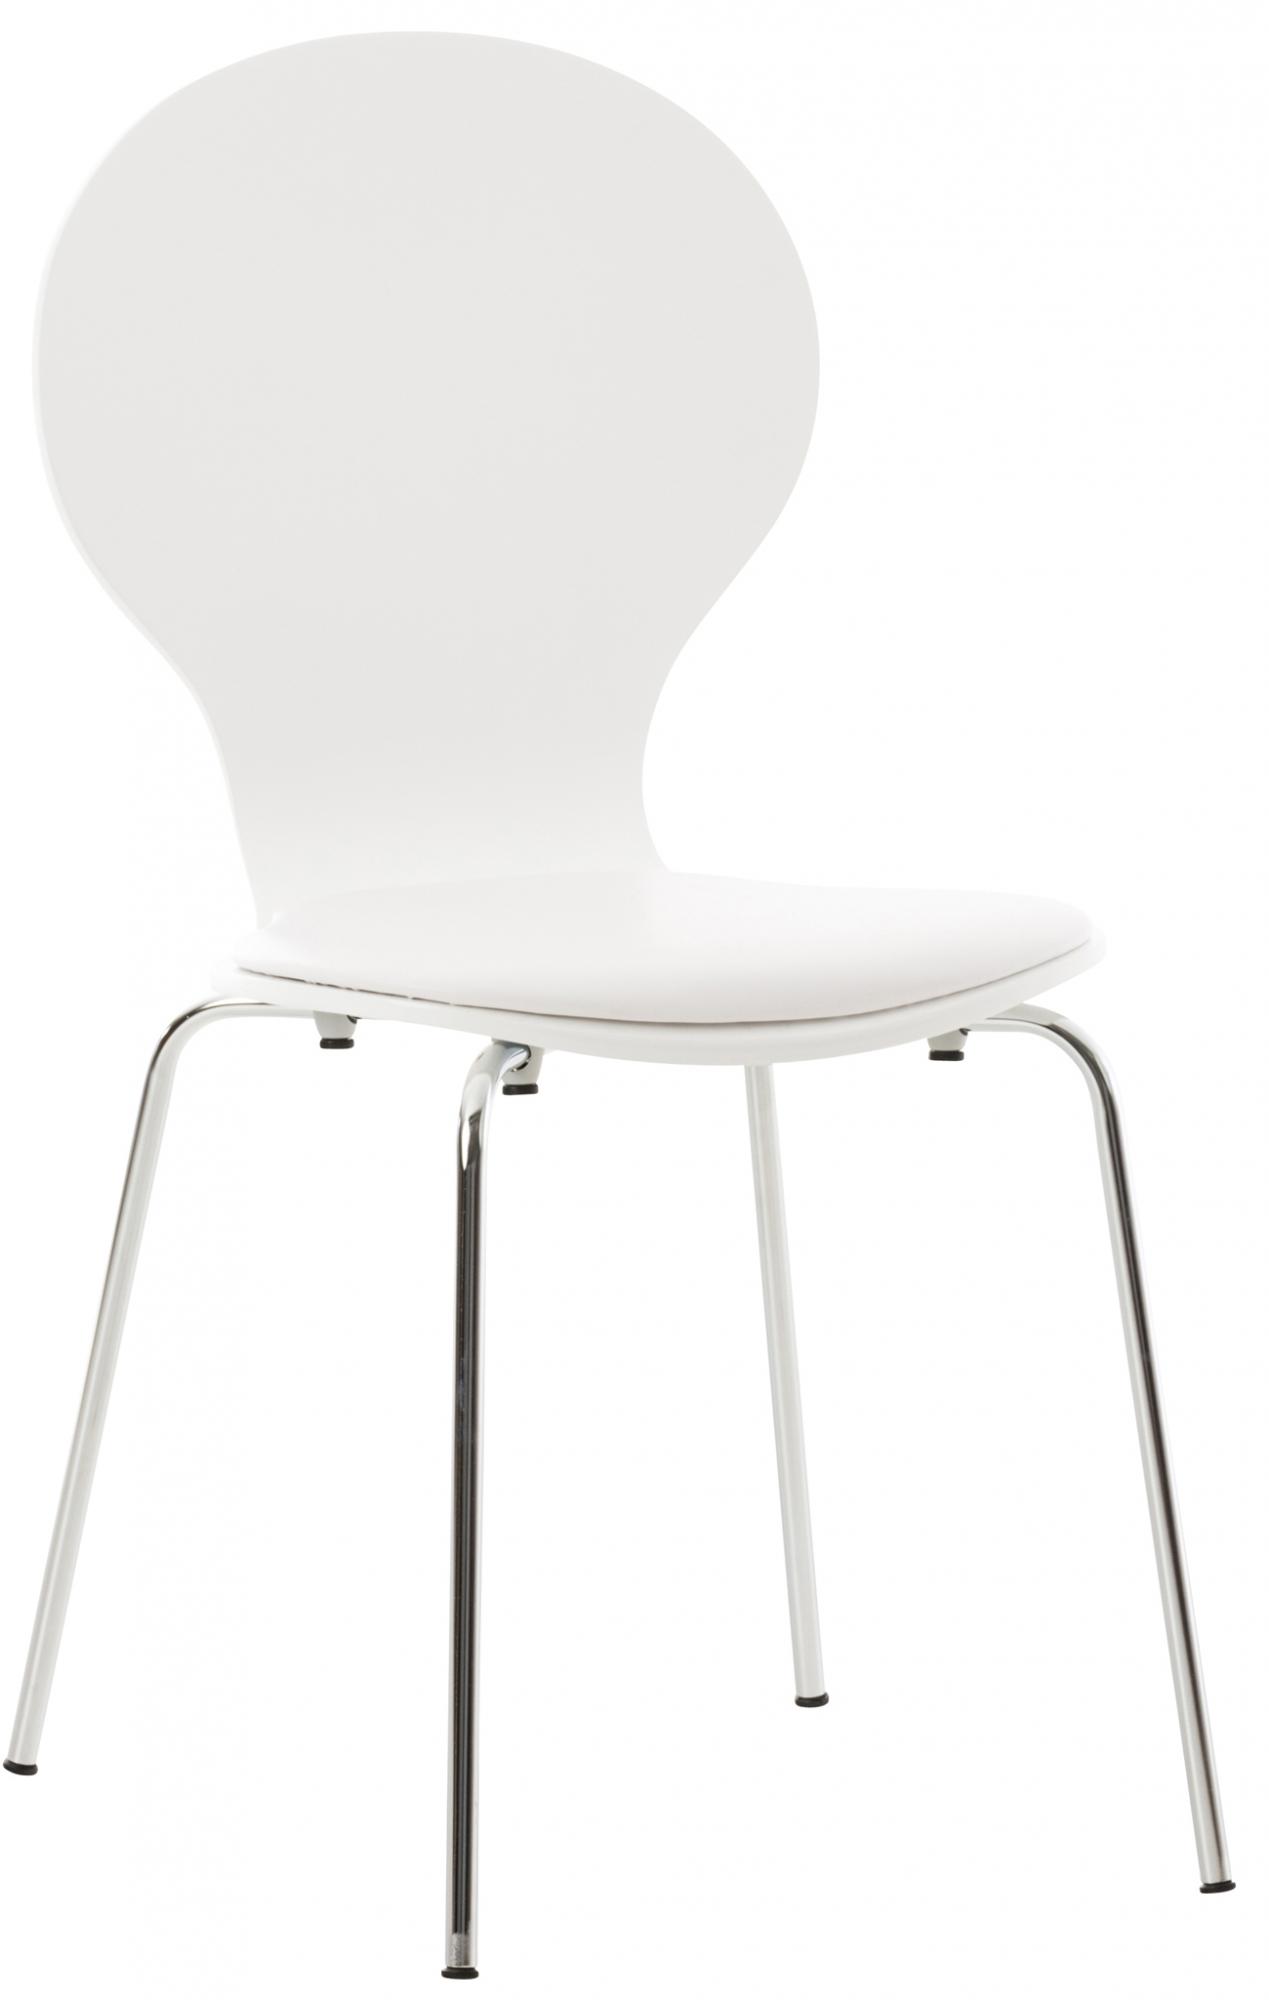 Překližková jídelní židle Dingo, bílá/bílá